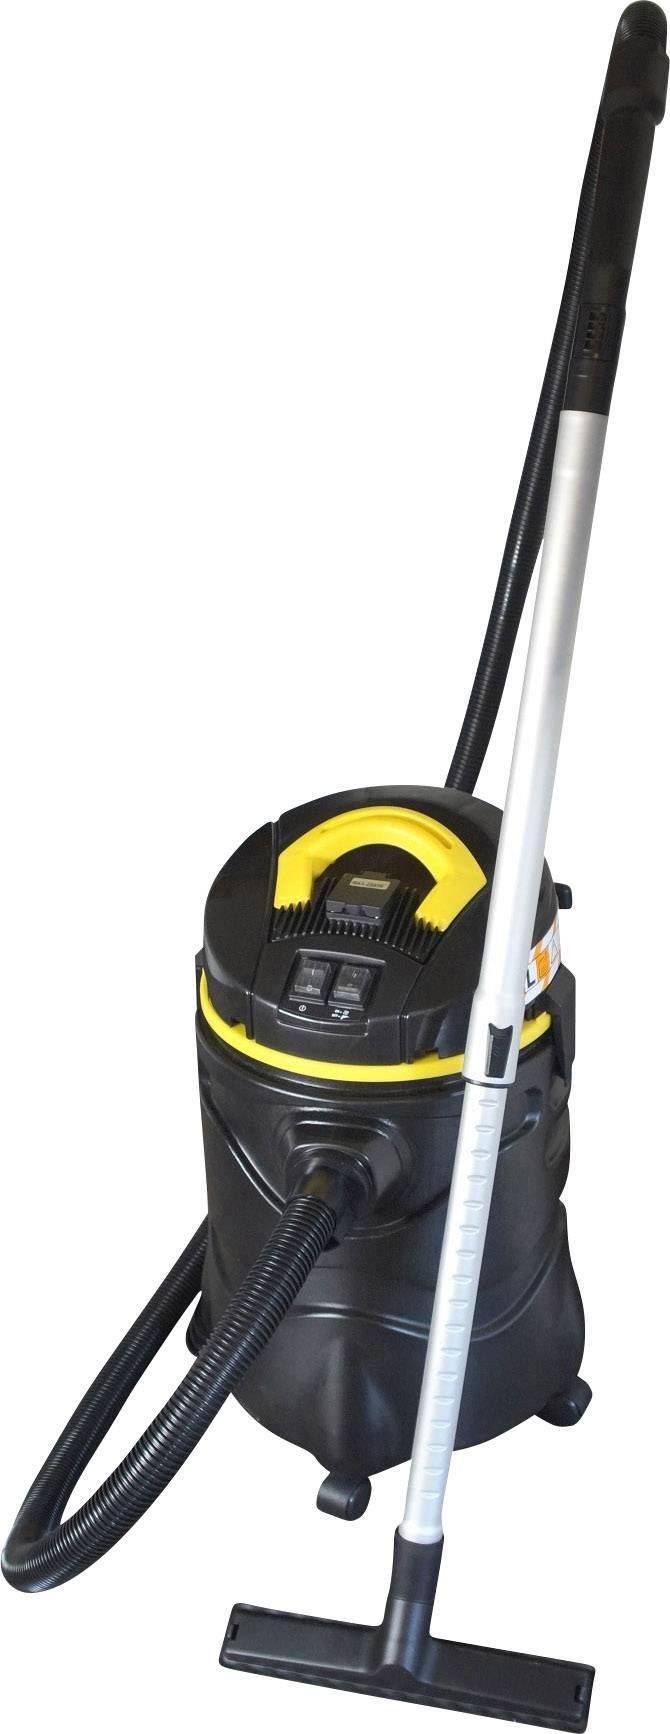 Mokrý/suchý vysavač Lavor Wash Pro Montage 8.666.3694, 1600 W, 30 l